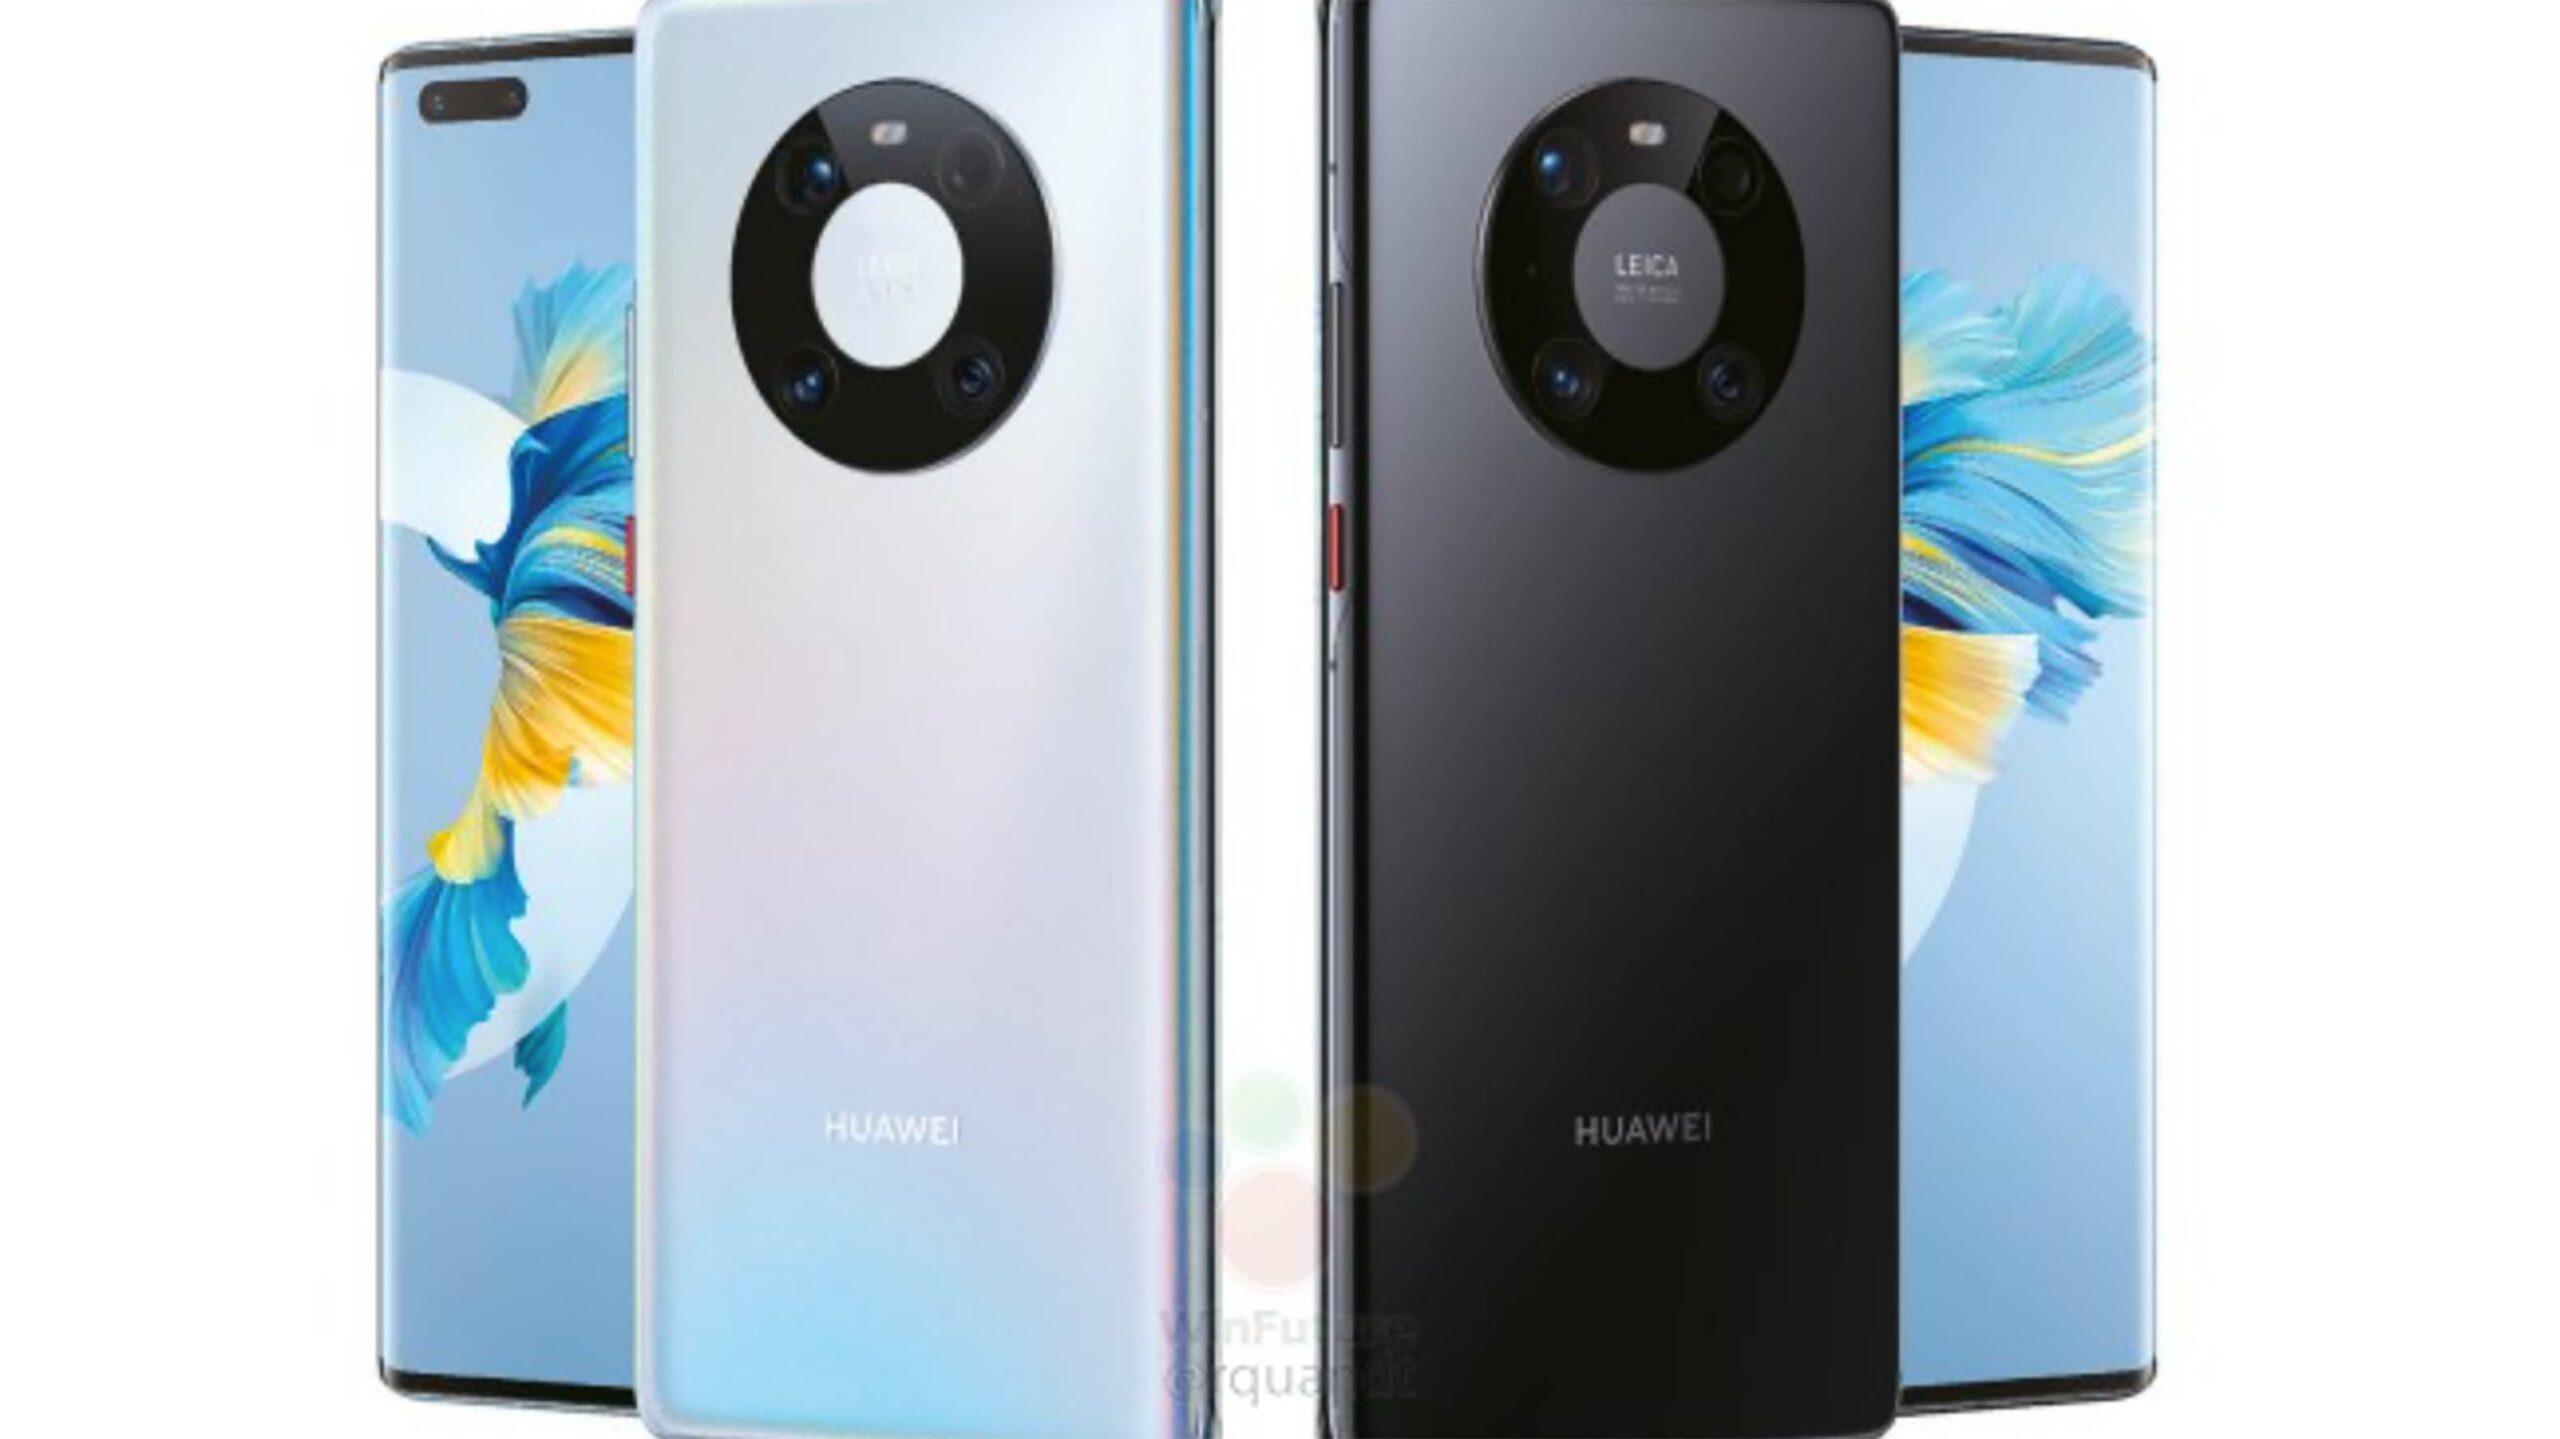 Раскрыты подробные характеристики и официальные пресс-рендеры флагмана Huawei Mate 40 Pro